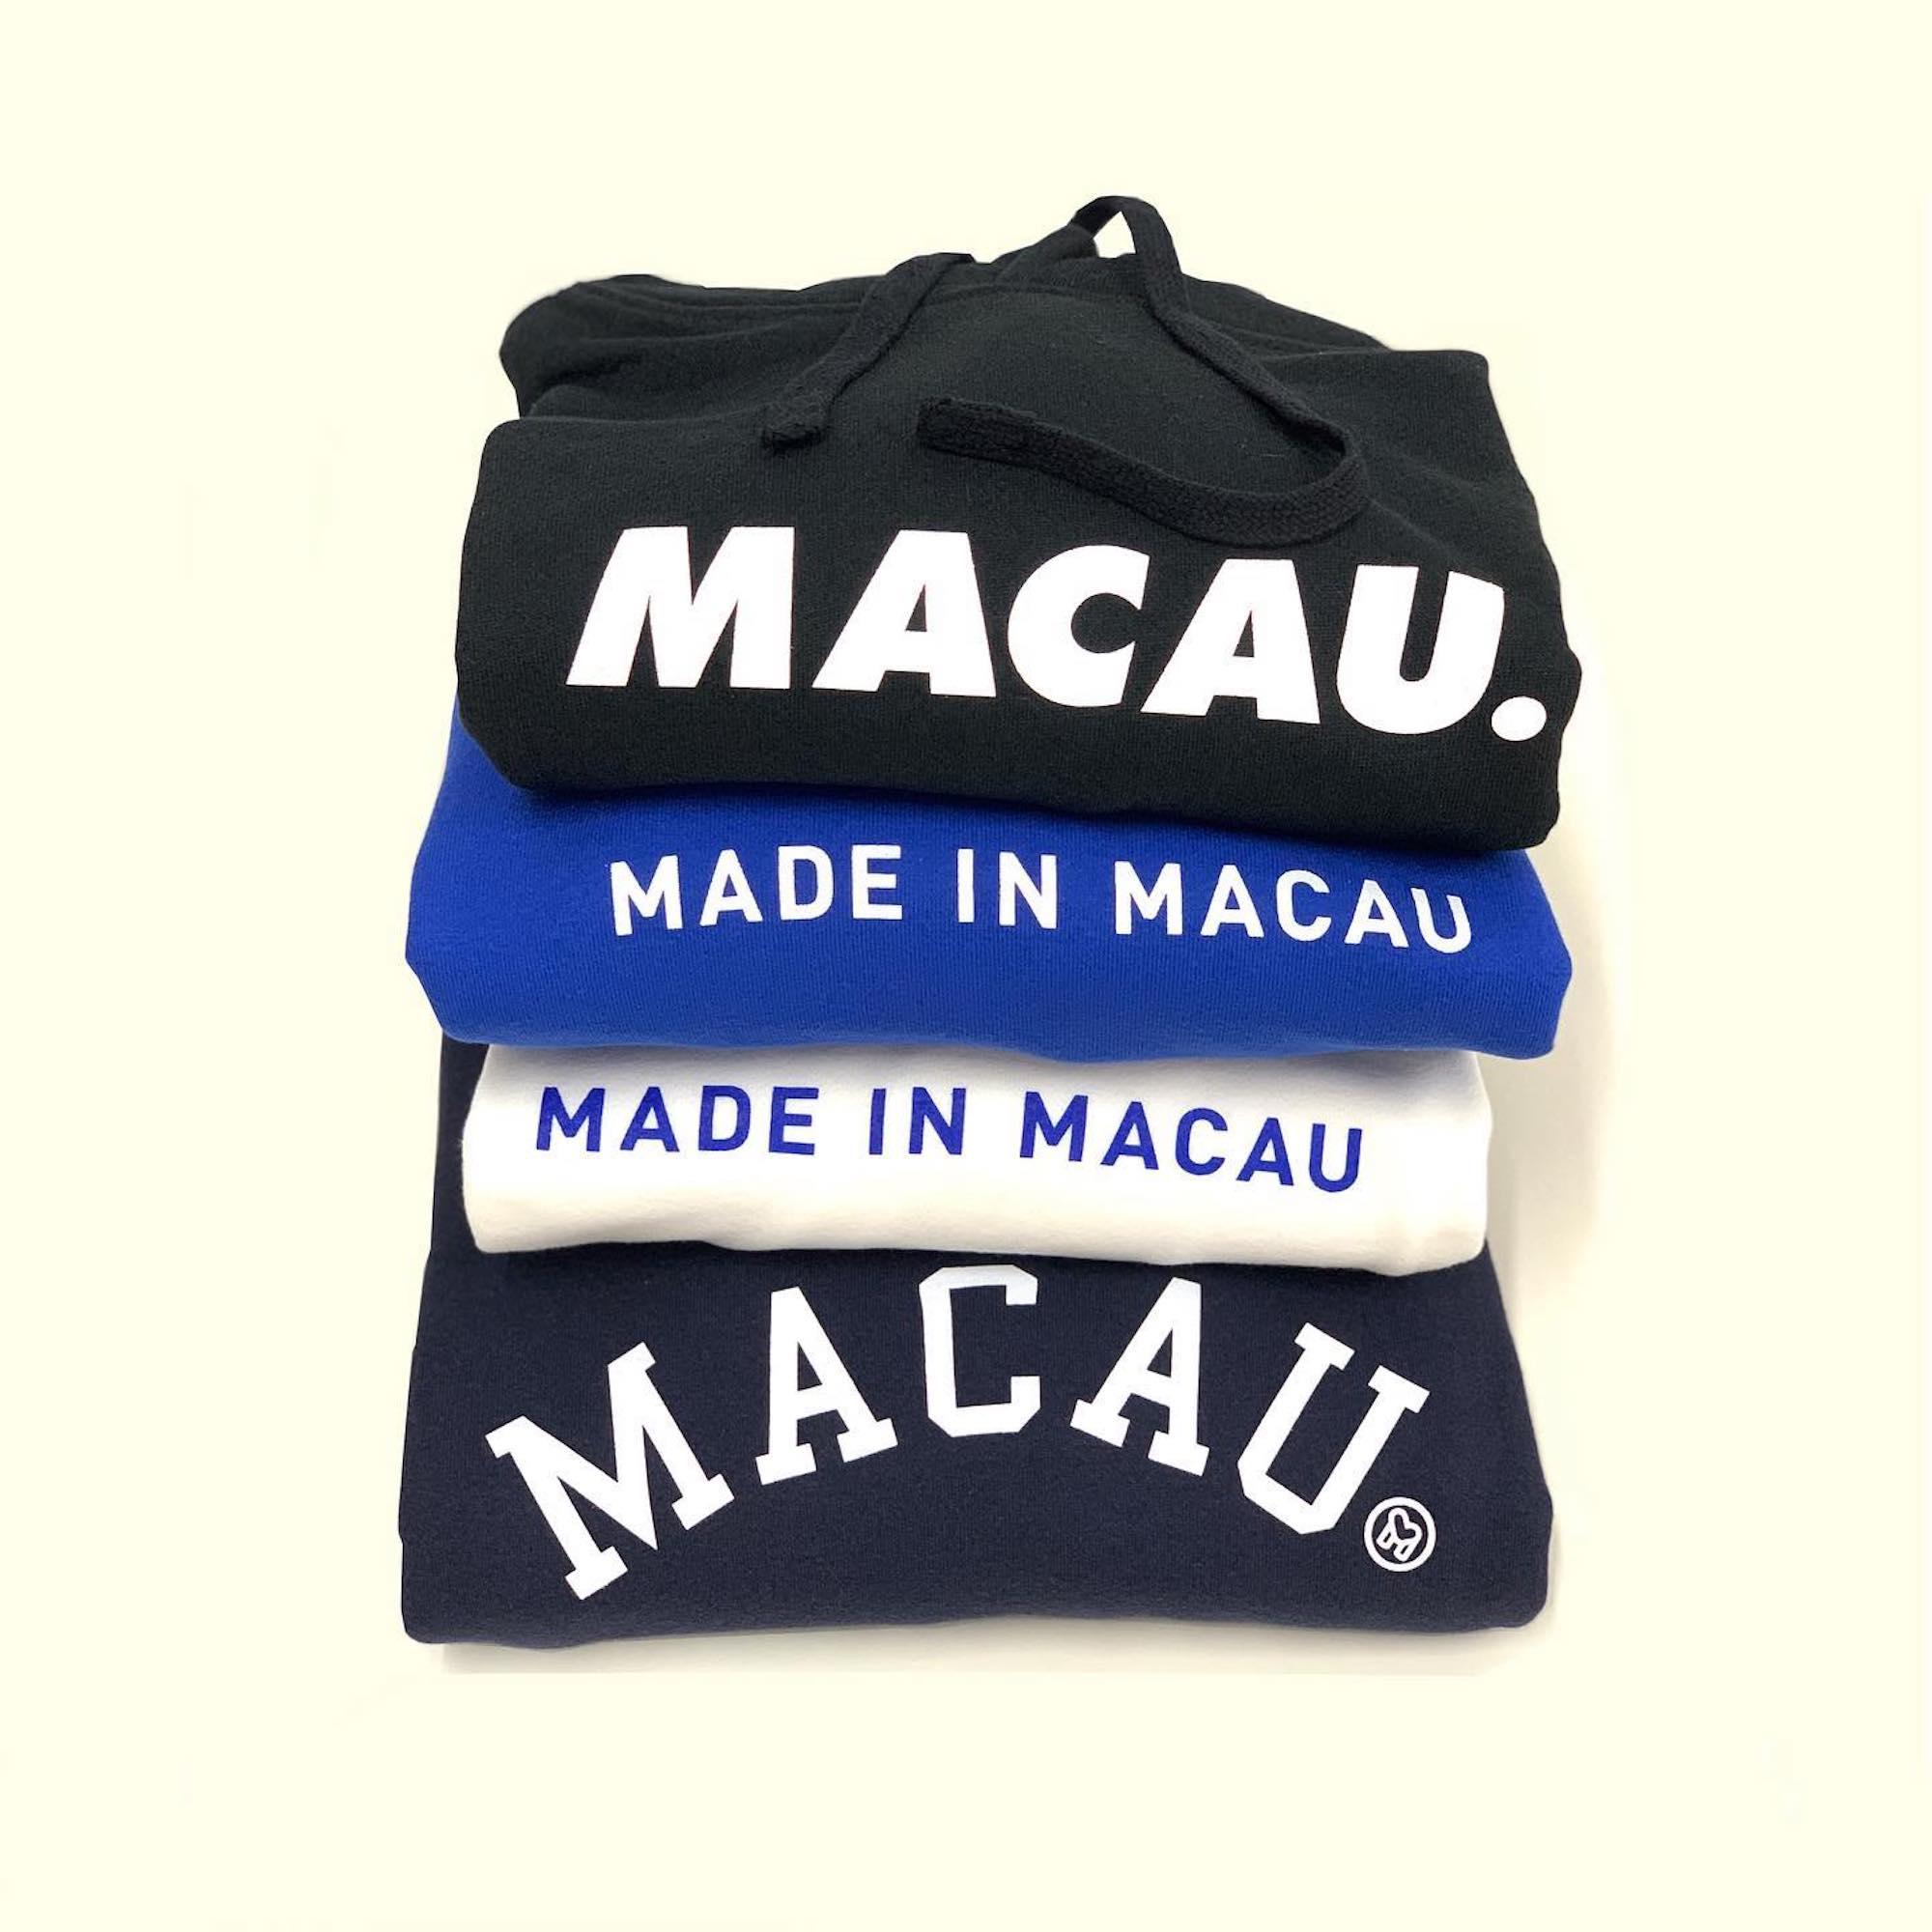 'Macau' Hoodie designs by Loving Macau